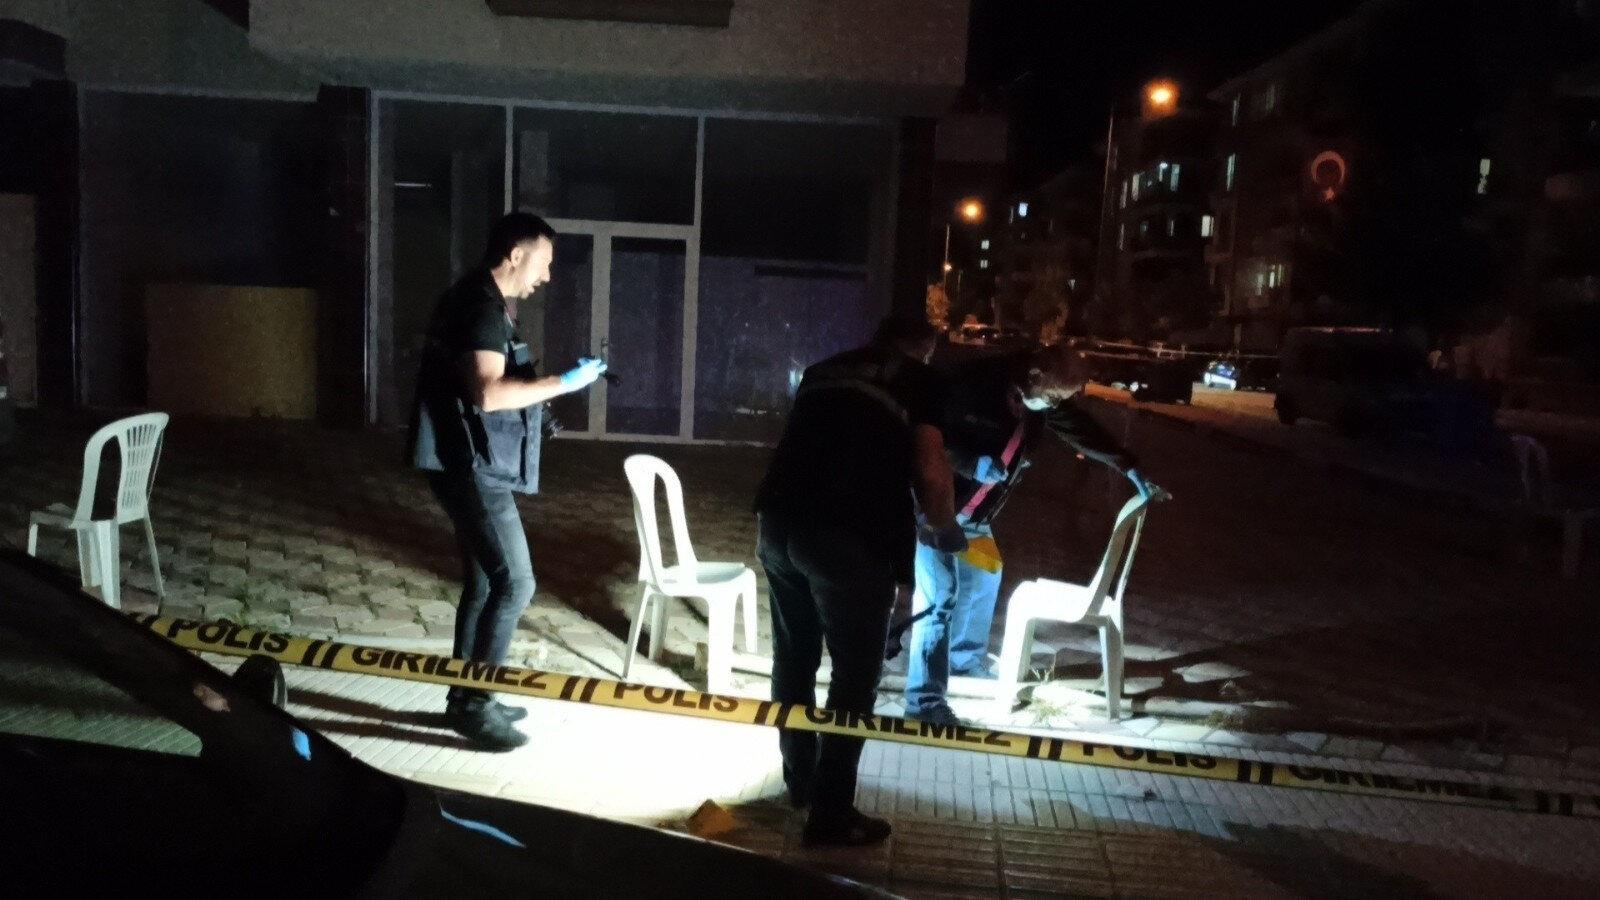 Saldırının yaşandığı sokakta ve hastanede polis ekipleri tarafından geniş güvenlik önlemleri alındı.